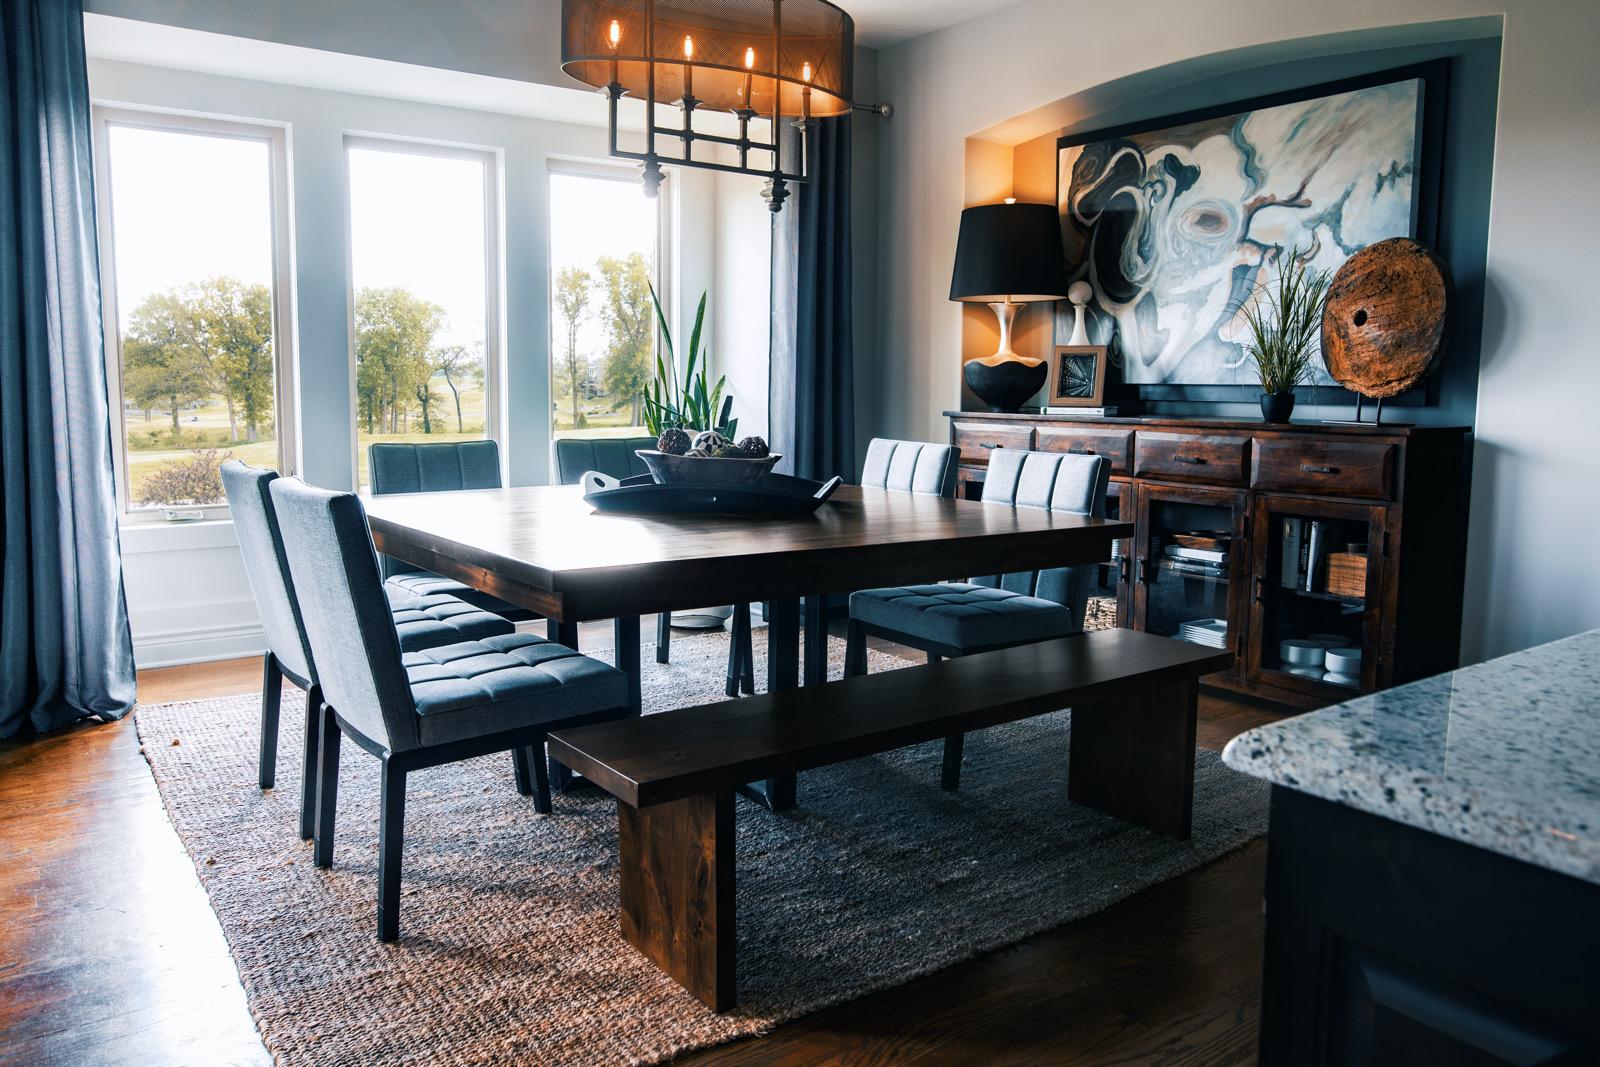 Matching wood furniture